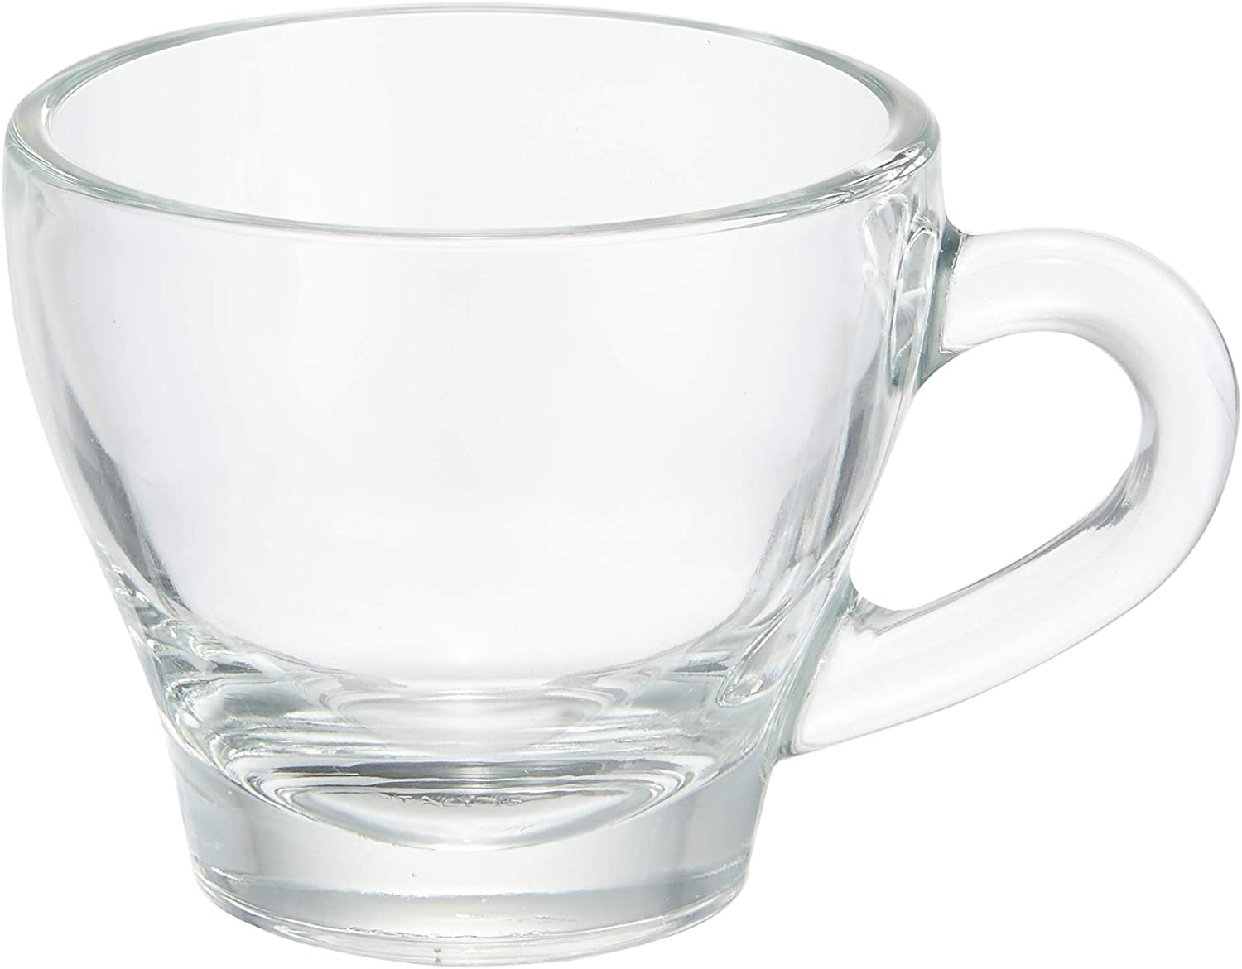 Libbey(リビー) エスプレッソカップ №13245220 (6ヶ入)の商品画像